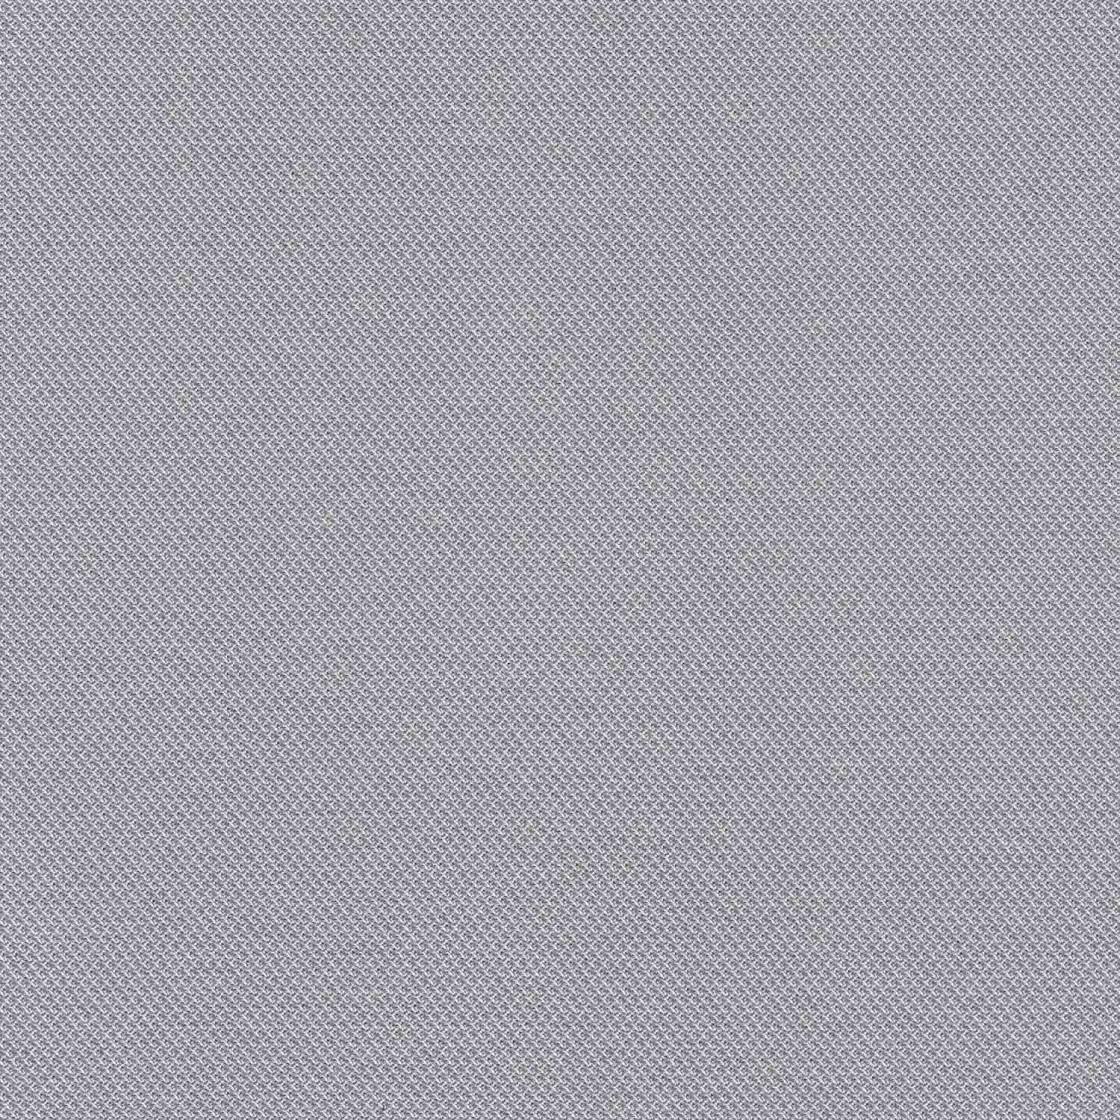 Microsport - Textile résille, 6 coloris